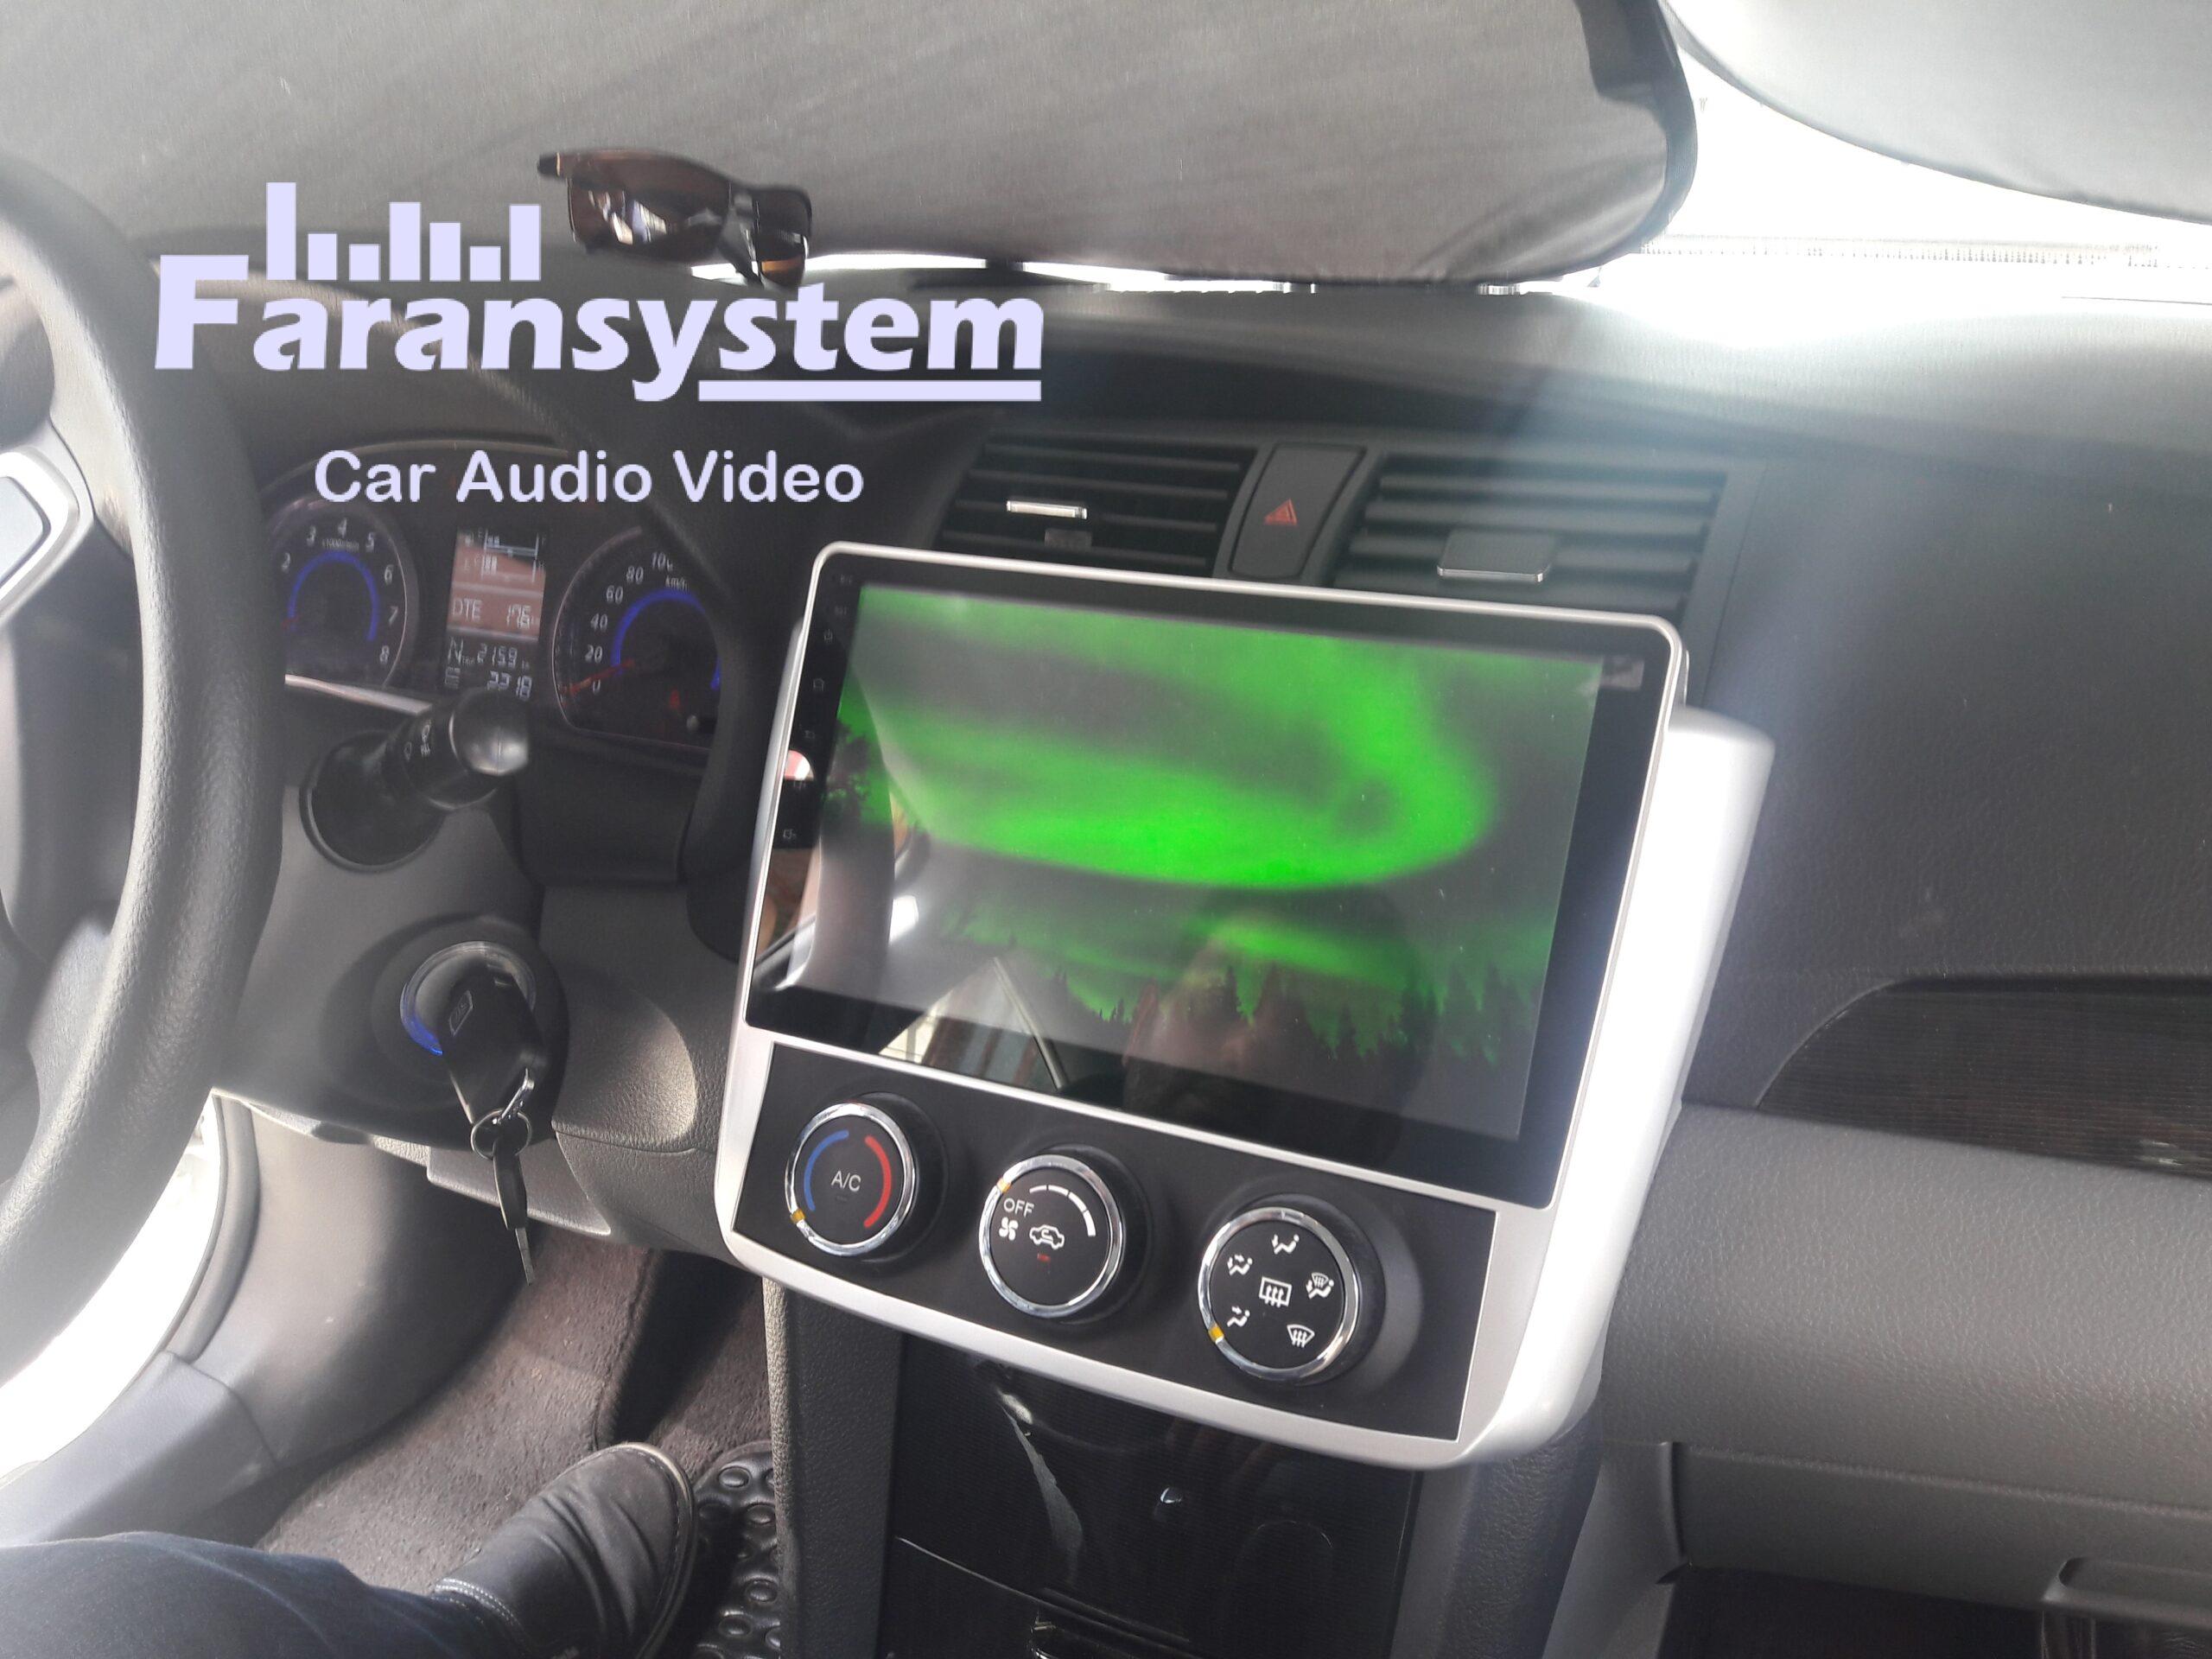 مانیتور اندروید آریو Z300 وینکا مدل L856-S170